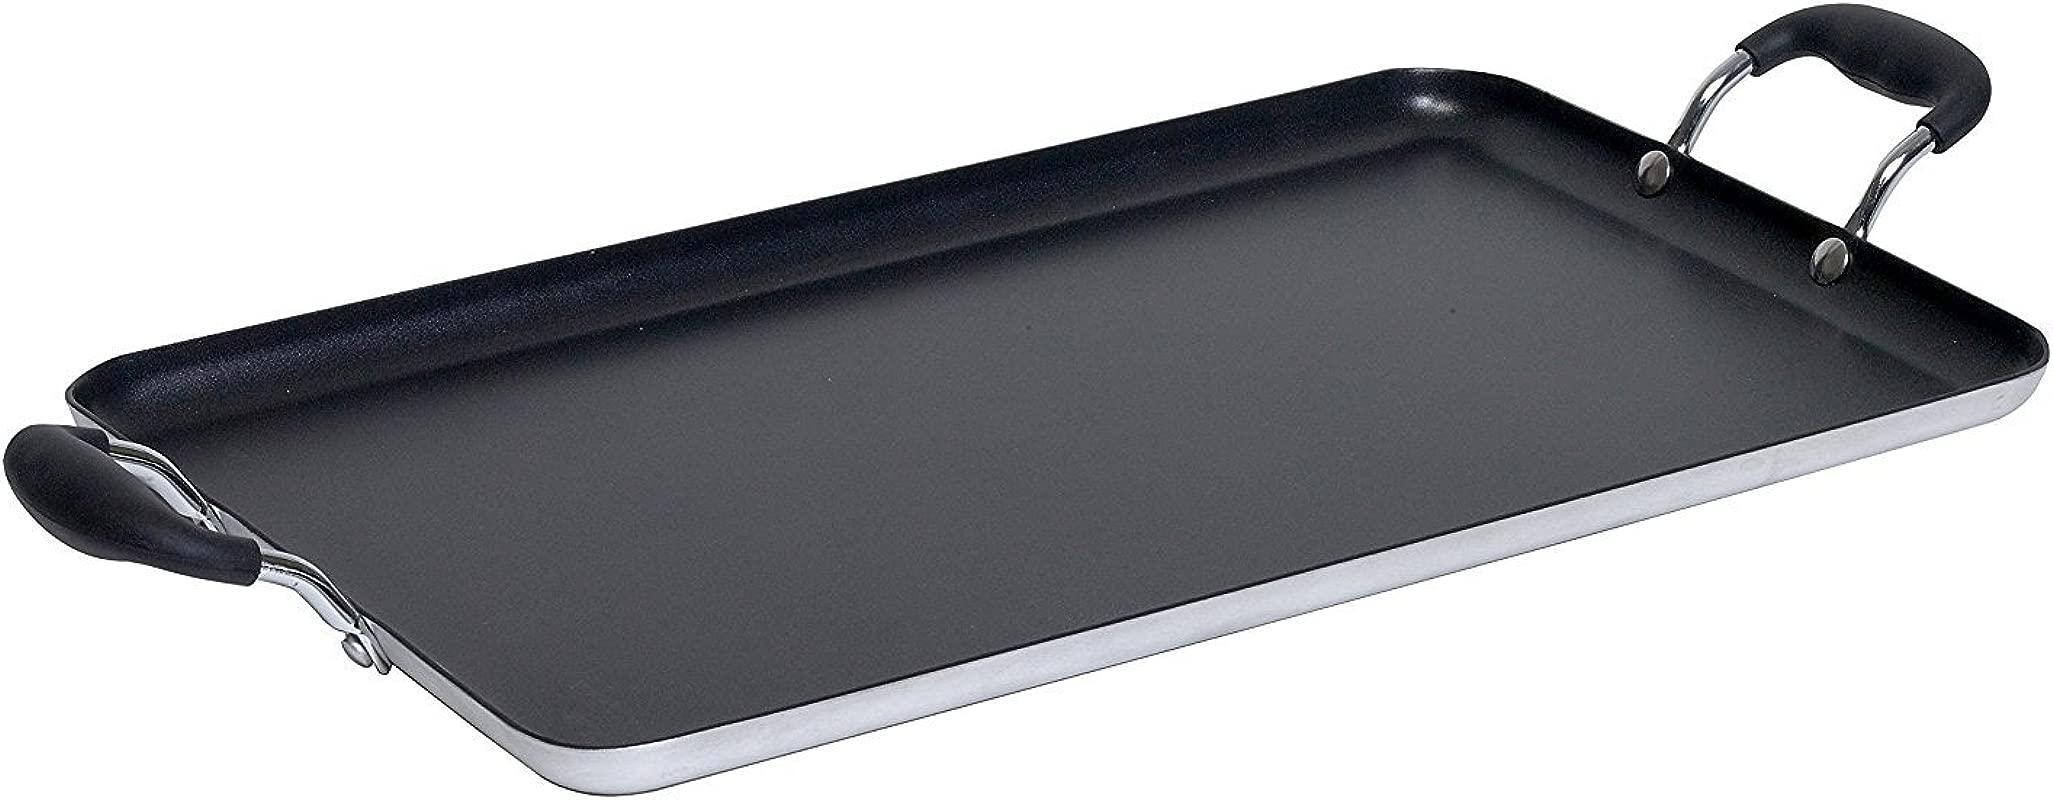 IMUSA USA IMU 1814 Double Burner Griddle Non Stick 17 Inch Black